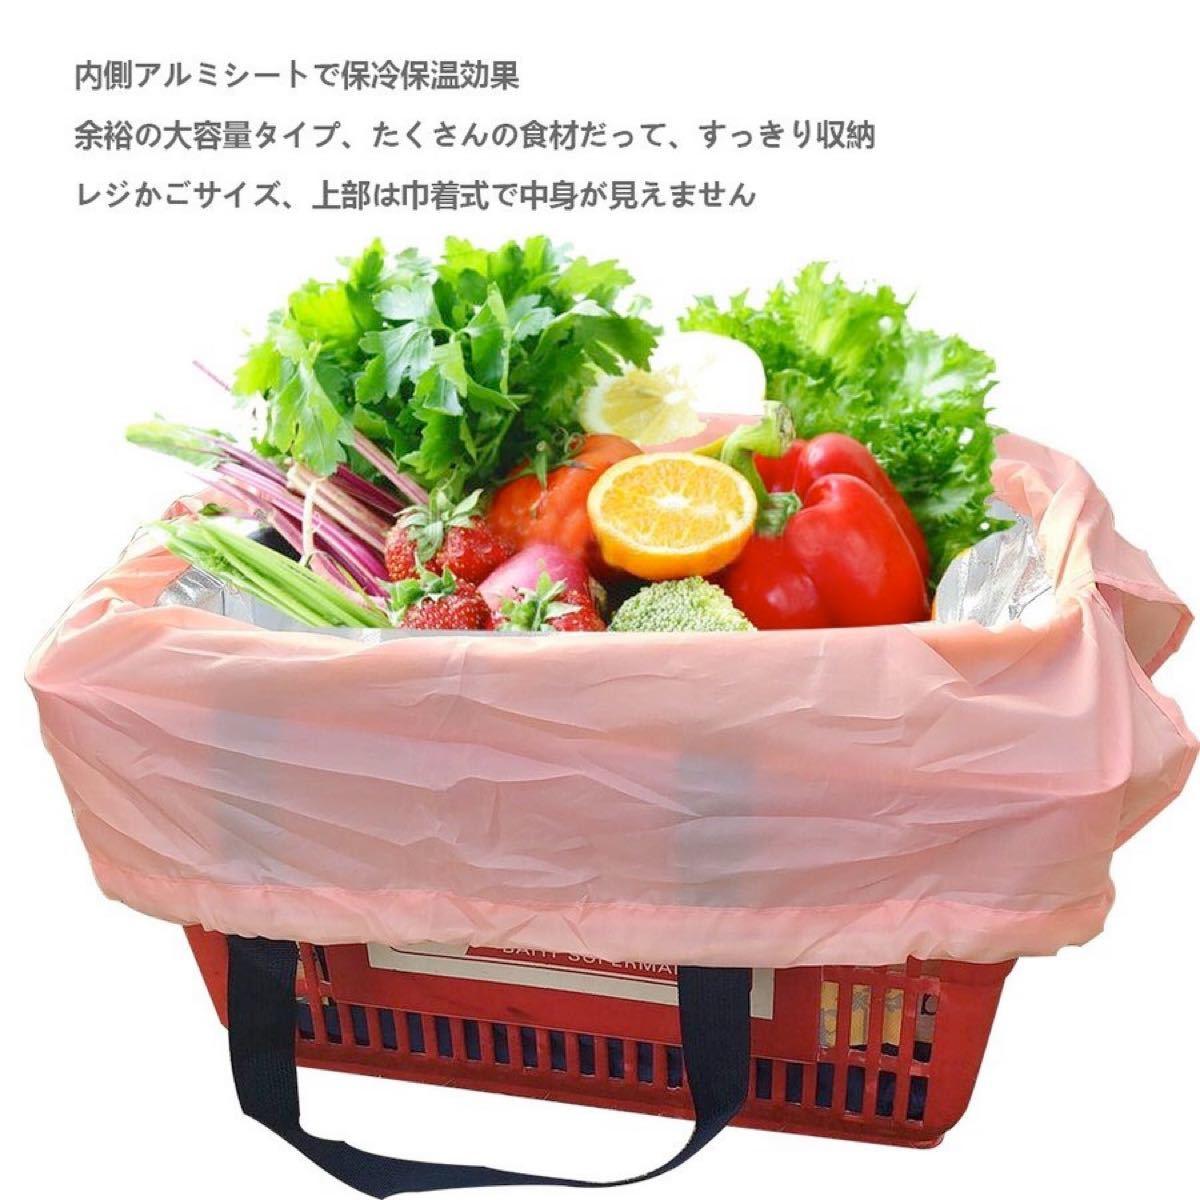 レジカゴバッグ 保冷保温 折りたたみエコバッグ大容量コンビニ袋レジかご